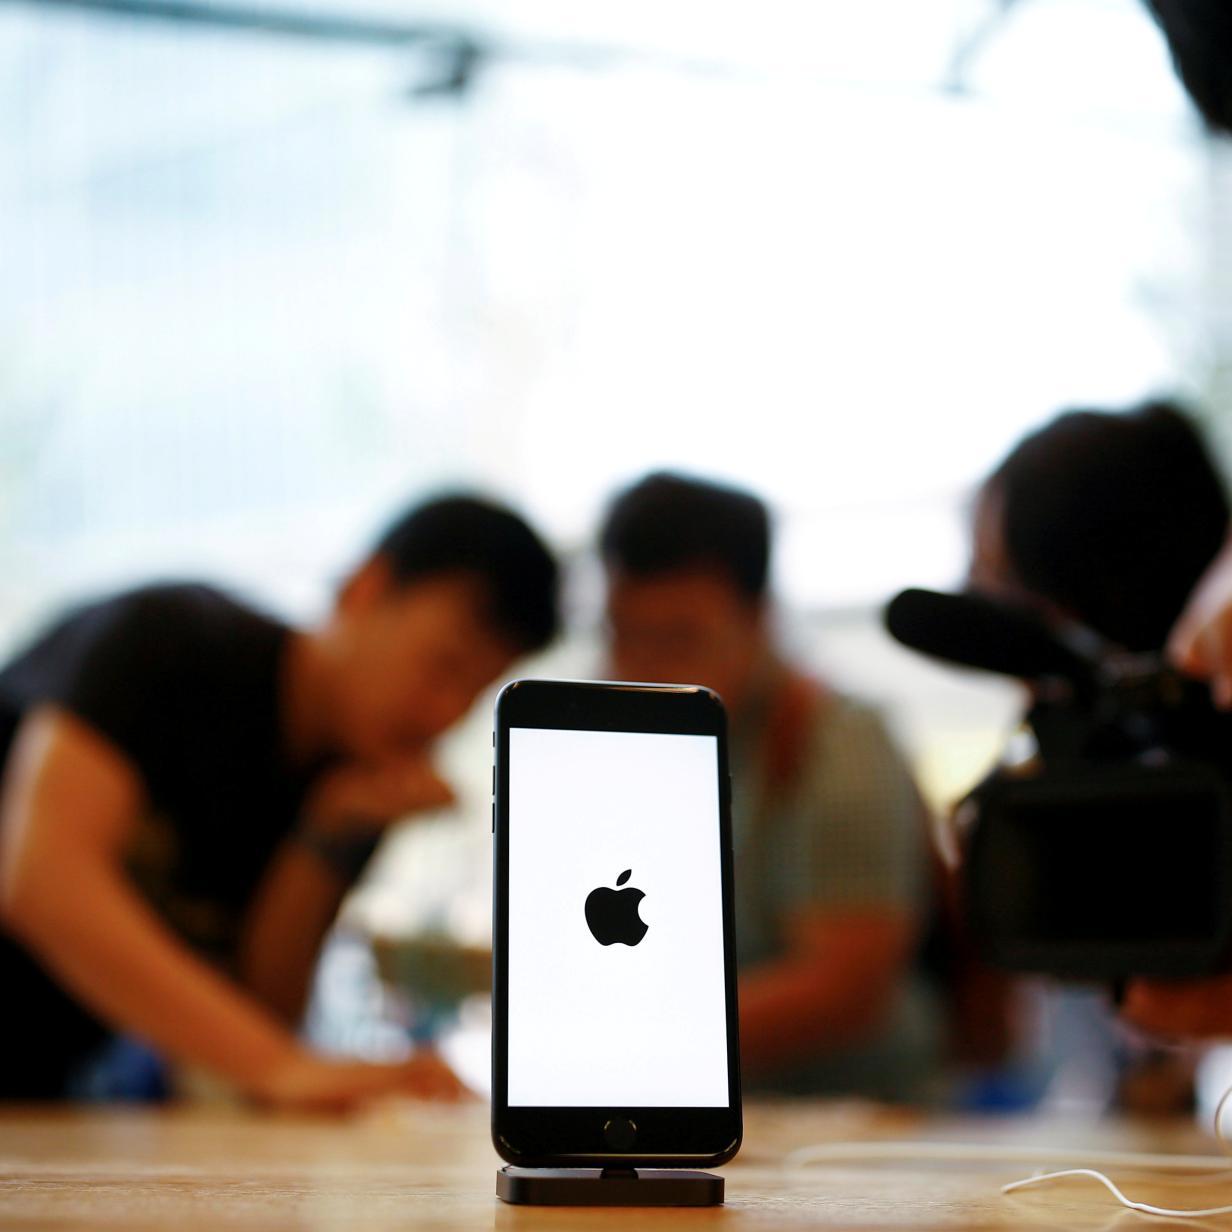 Der Verkaufsstart von iPhone 11 wurde unabsichtlich verraten